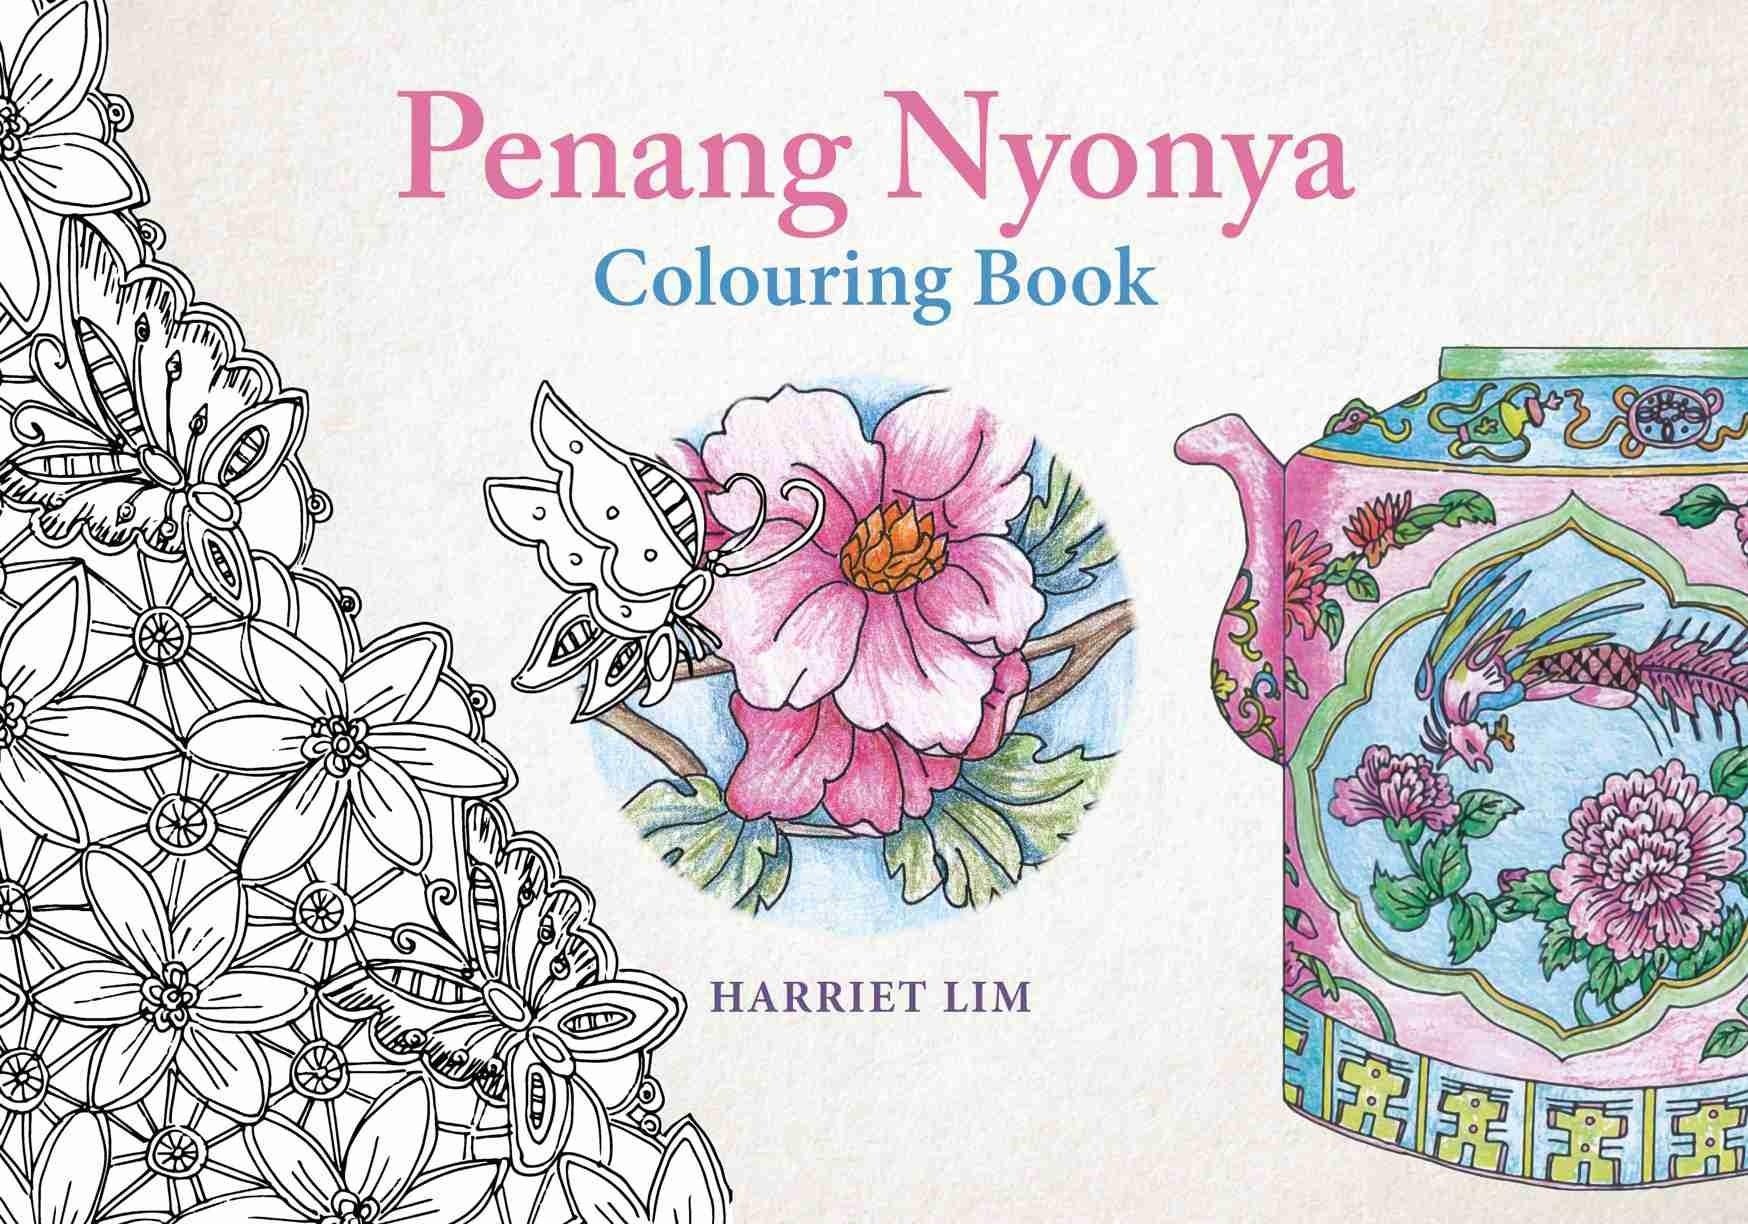 Penang Nyonya Colouring Book   Areca Books  